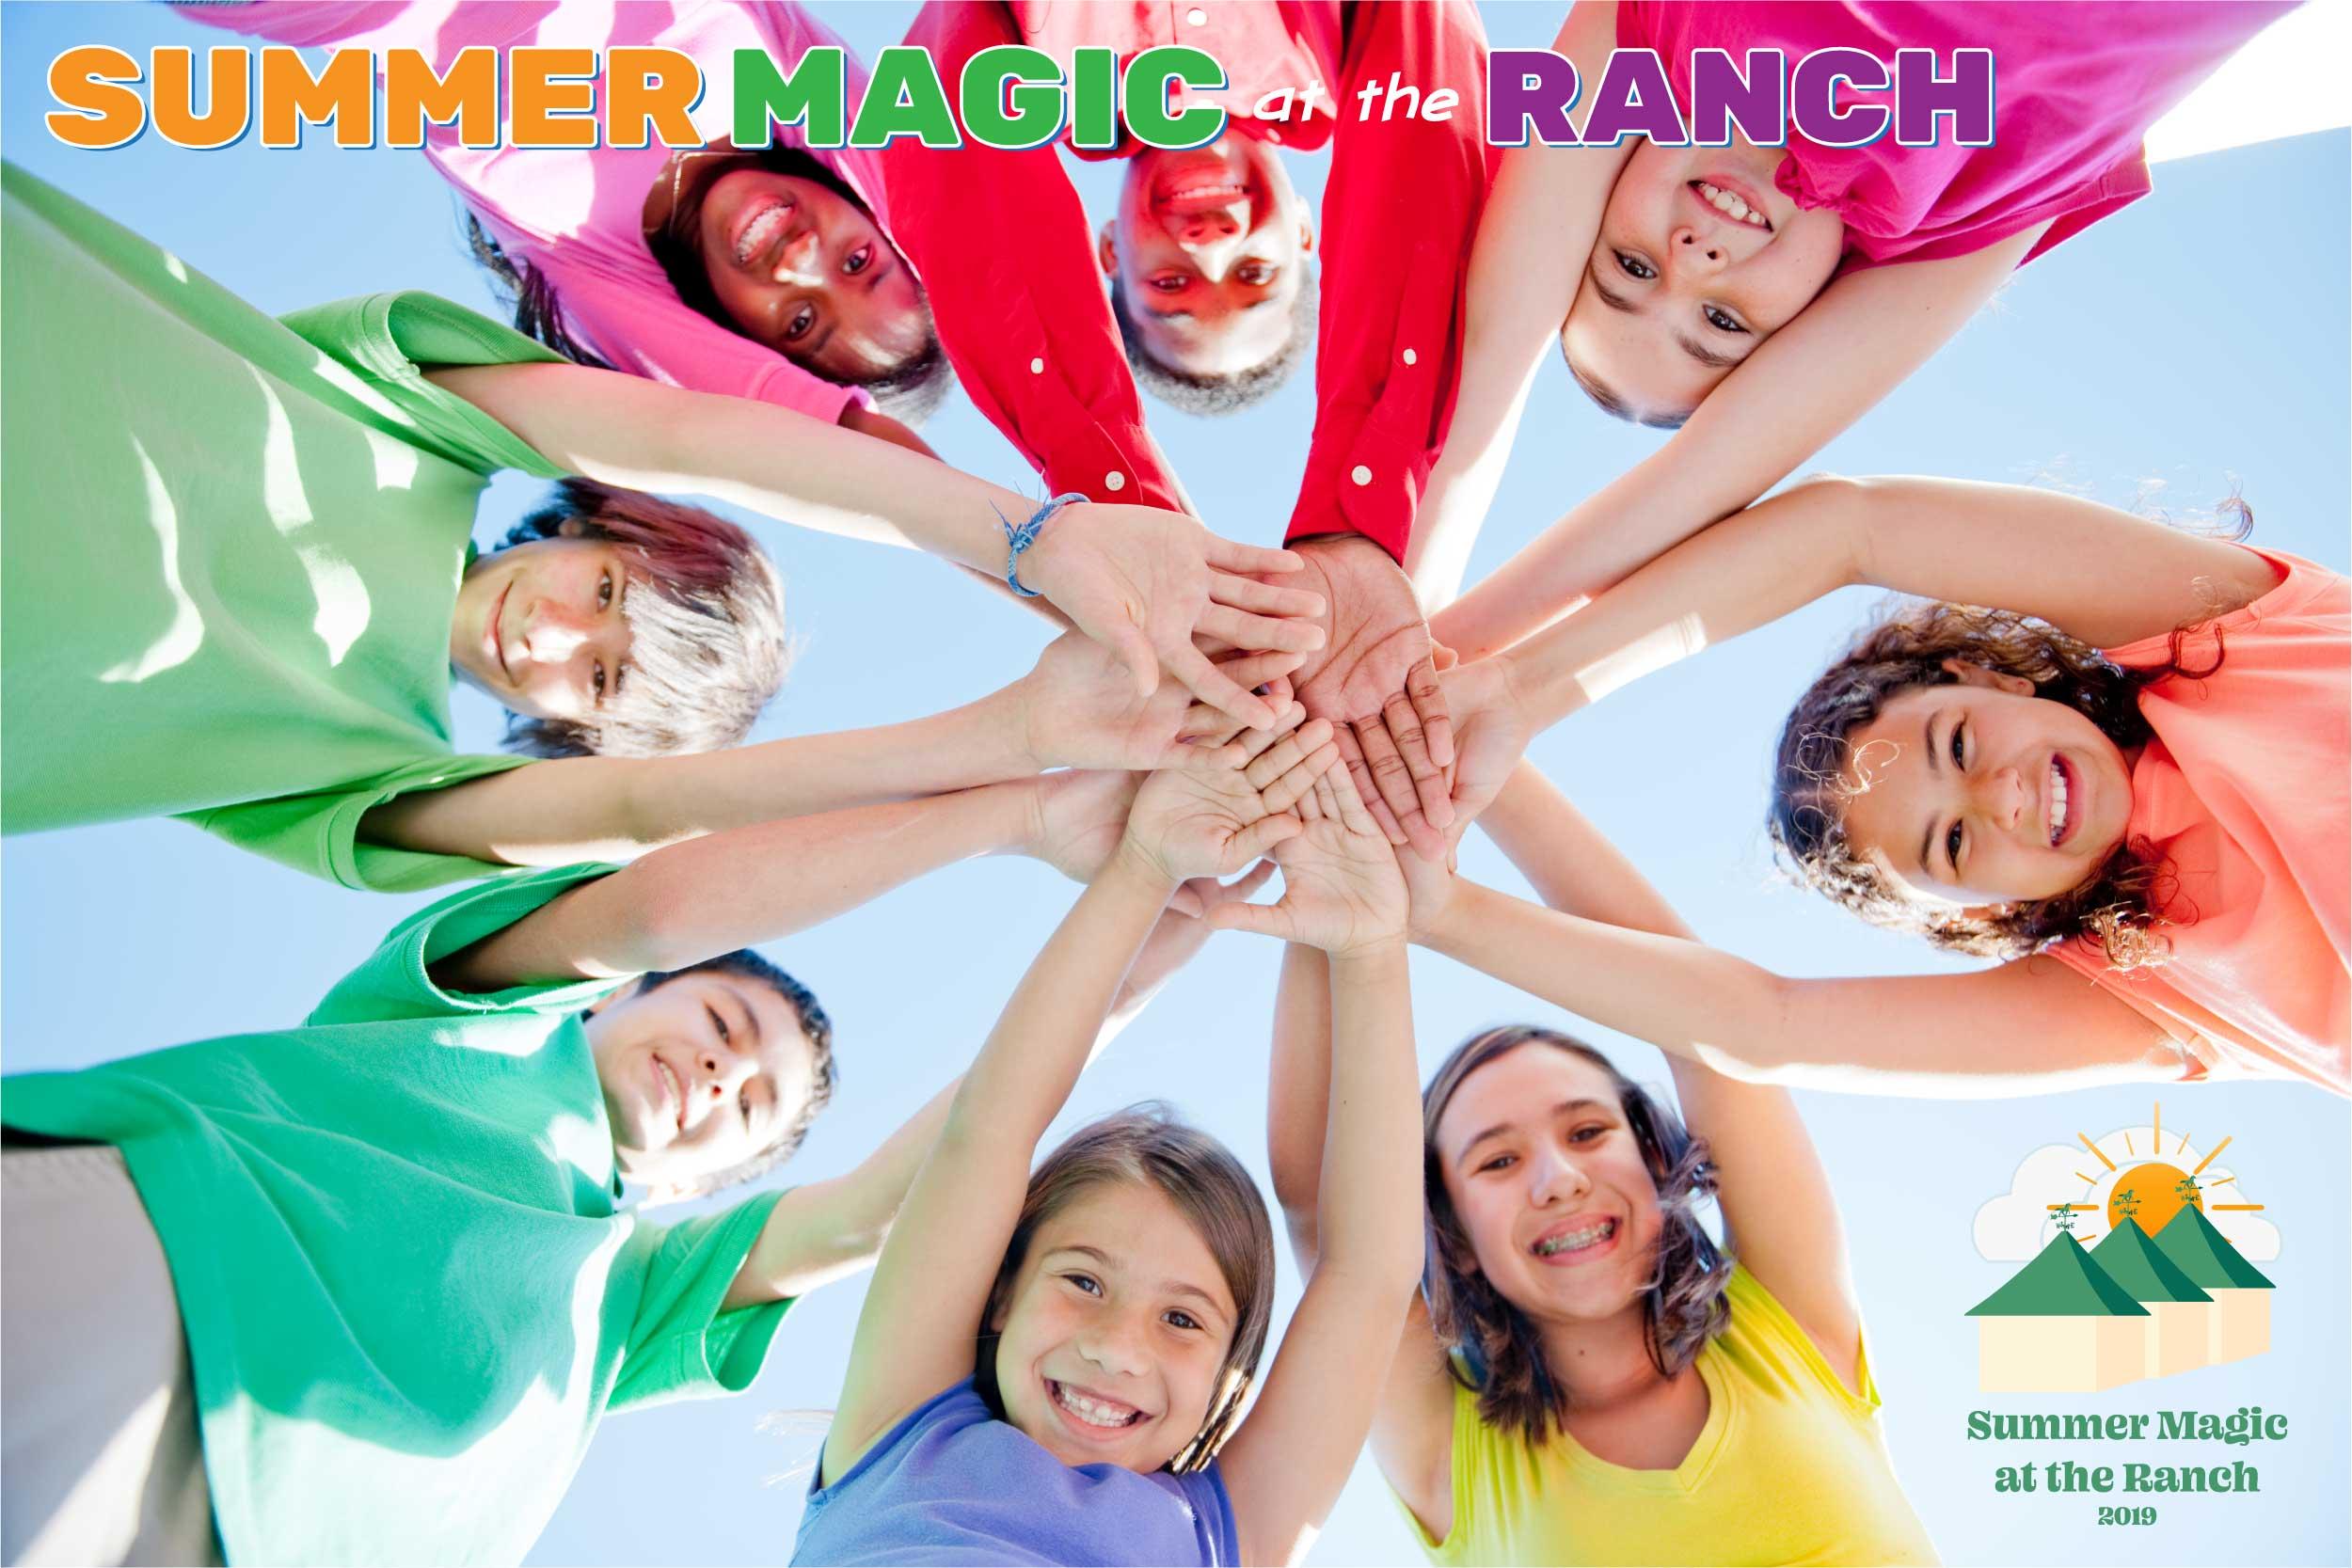 Summer Magic at the Ranch